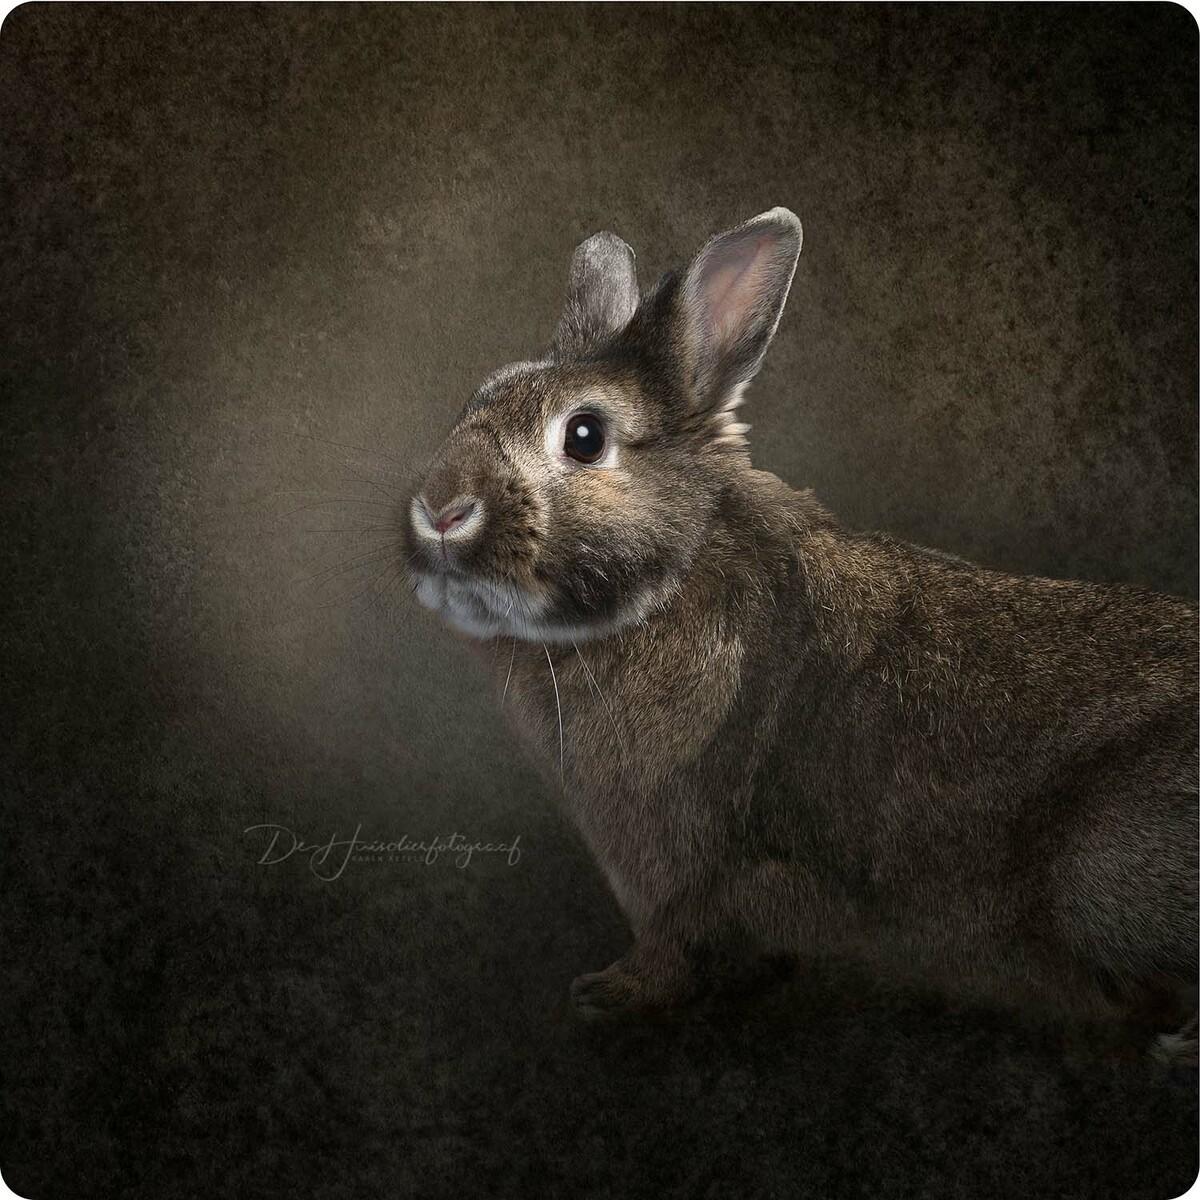 Fine art portret van een konijntje door De Huisdierfotograaf